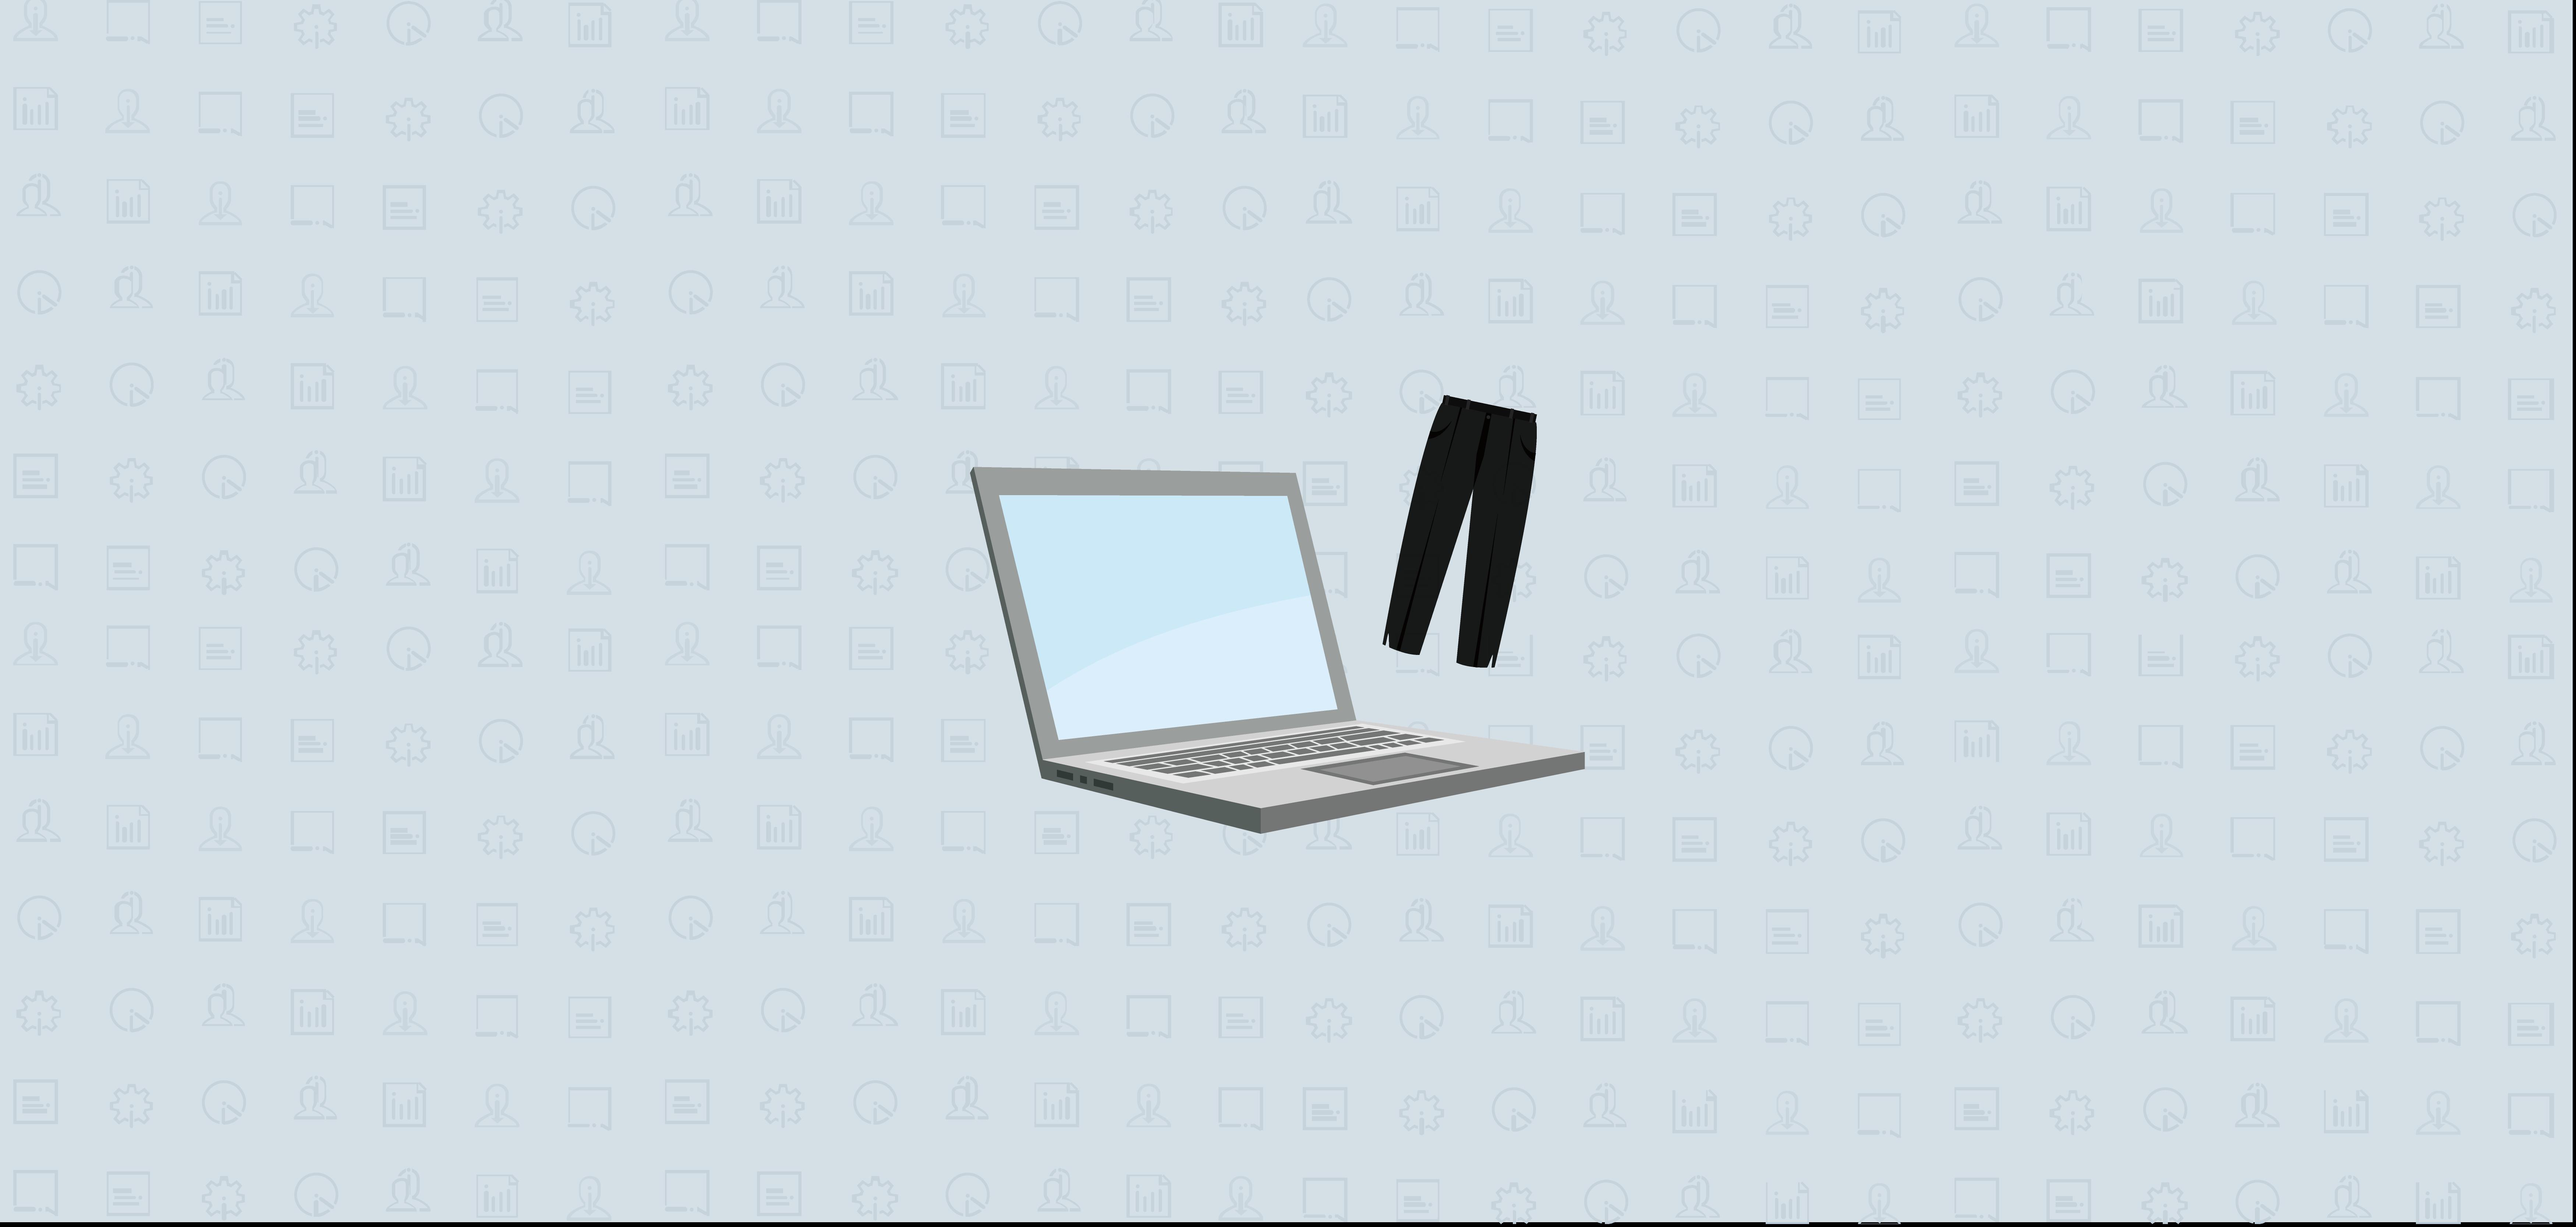 Laptop und Lederhose 2.0? Mehr Startups für die Zukunft von Bayern laut McKinsey Studie